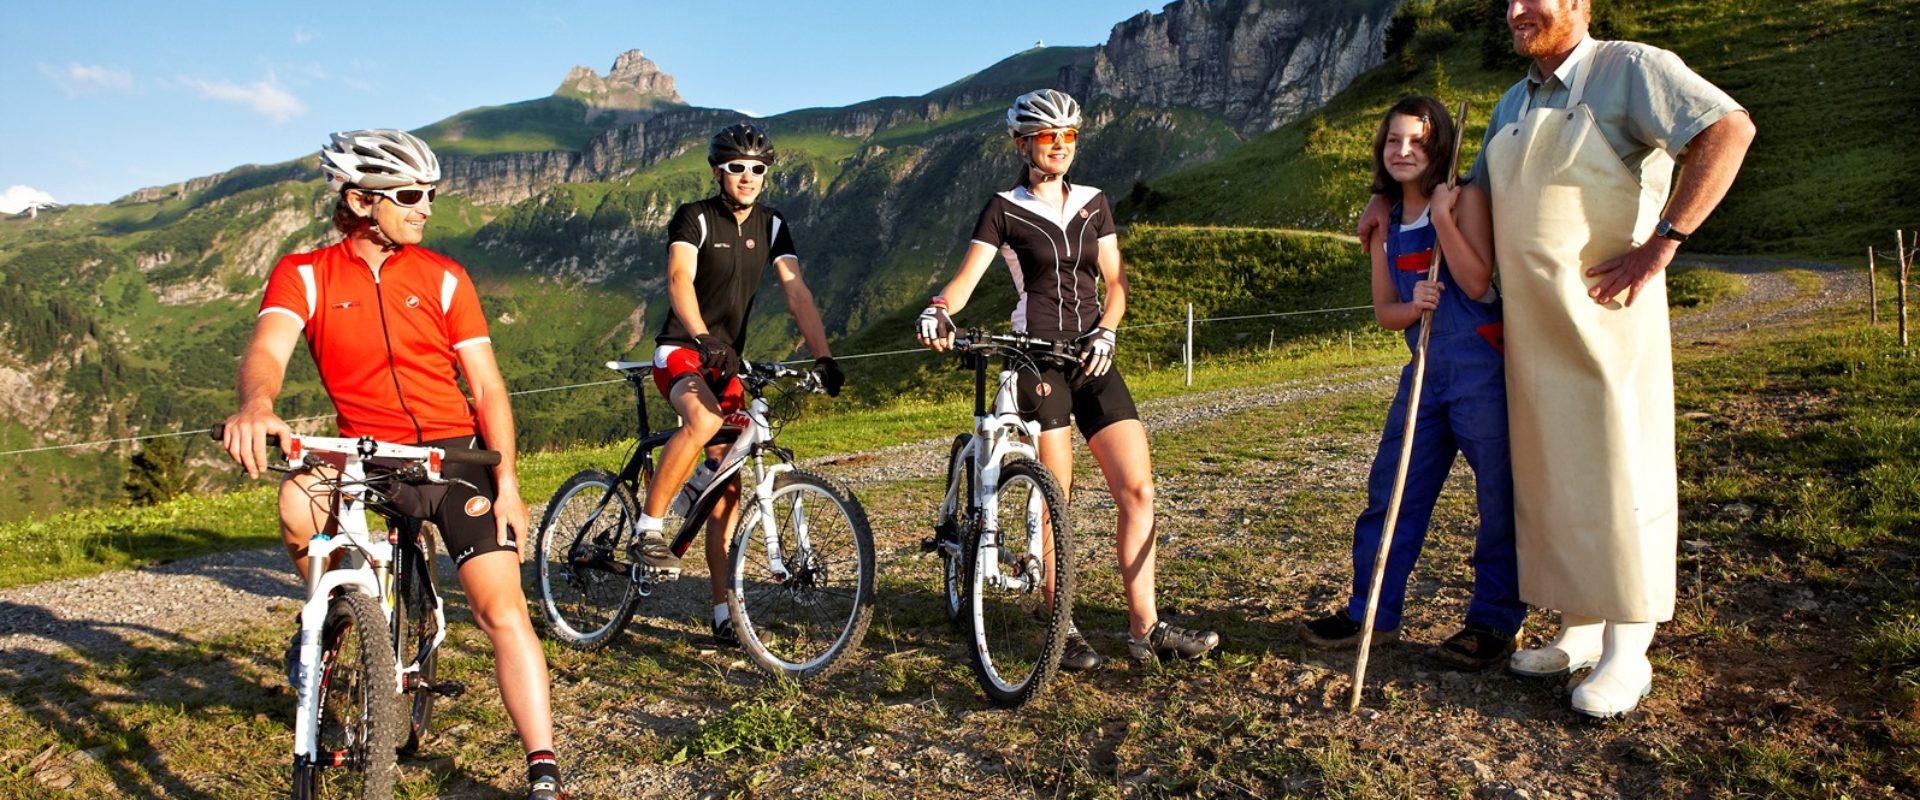 Mountainbiker und Senn © Adolf Bereuter_Bregenzerwald Tourismus